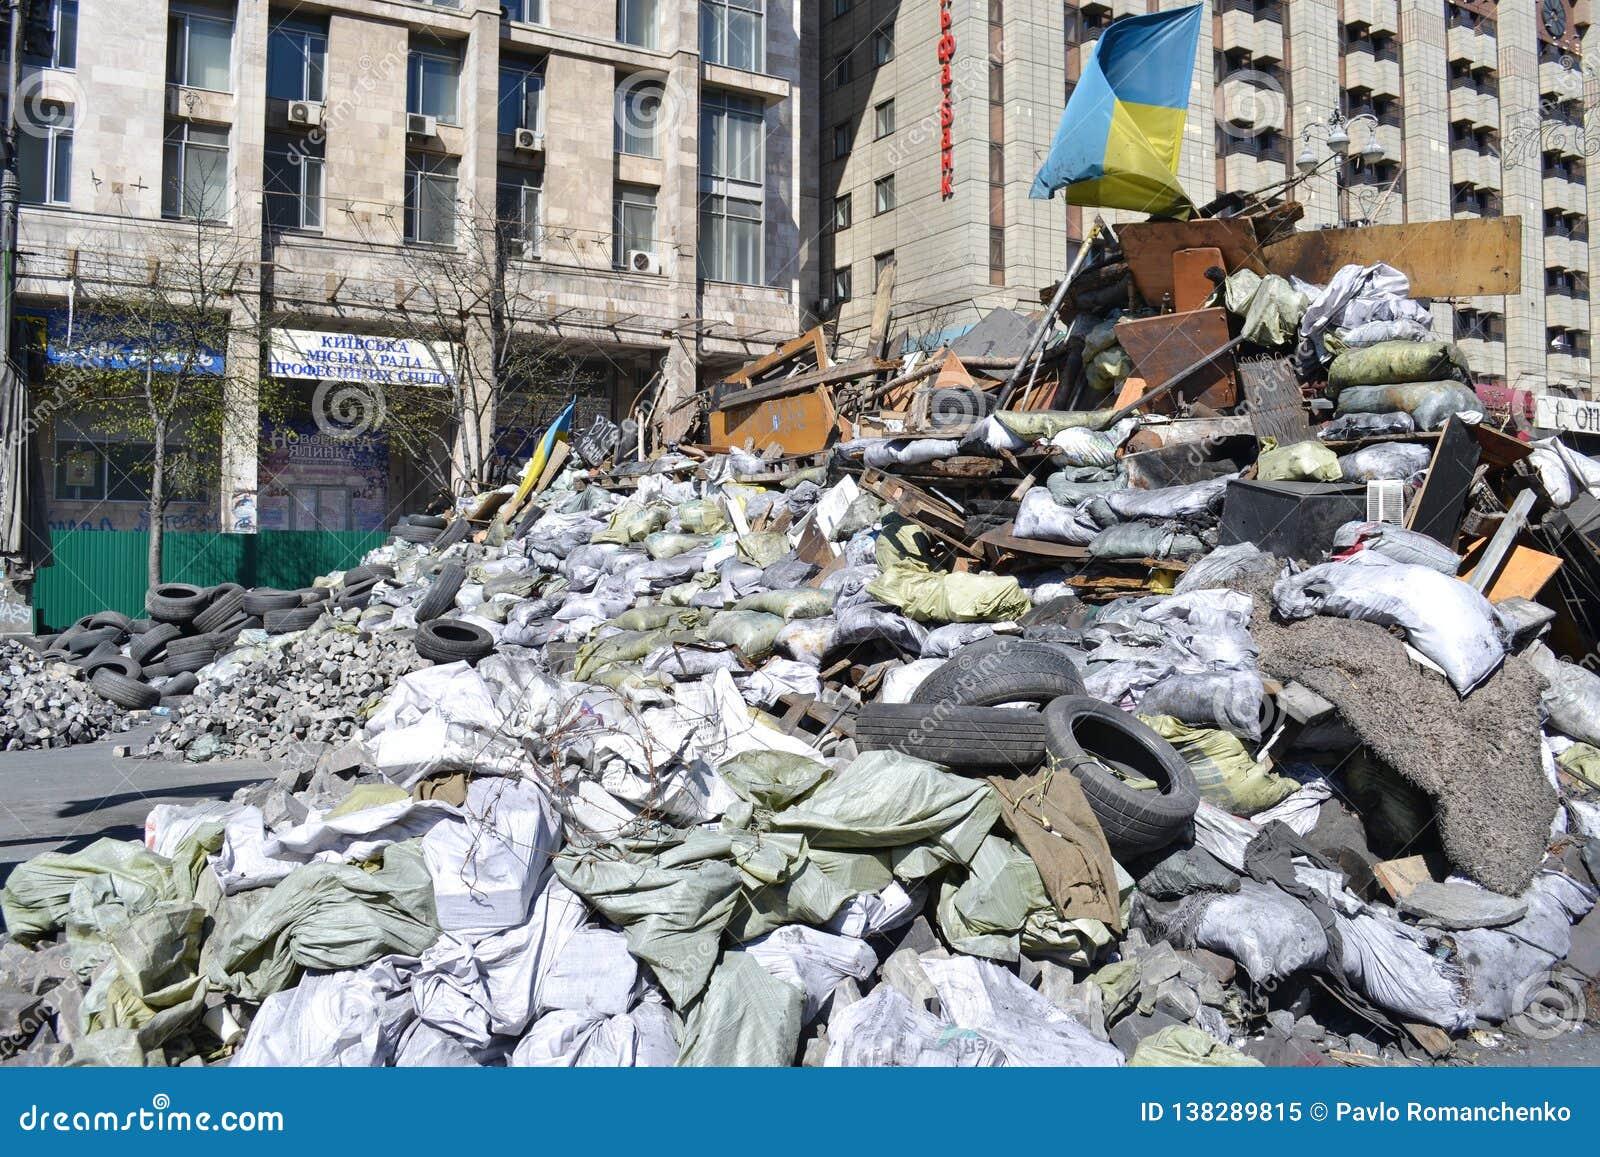 Ukraina Kiev - April 7, 2014: Barrikader efter en storm på den huvudsakliga gatan av Kiev